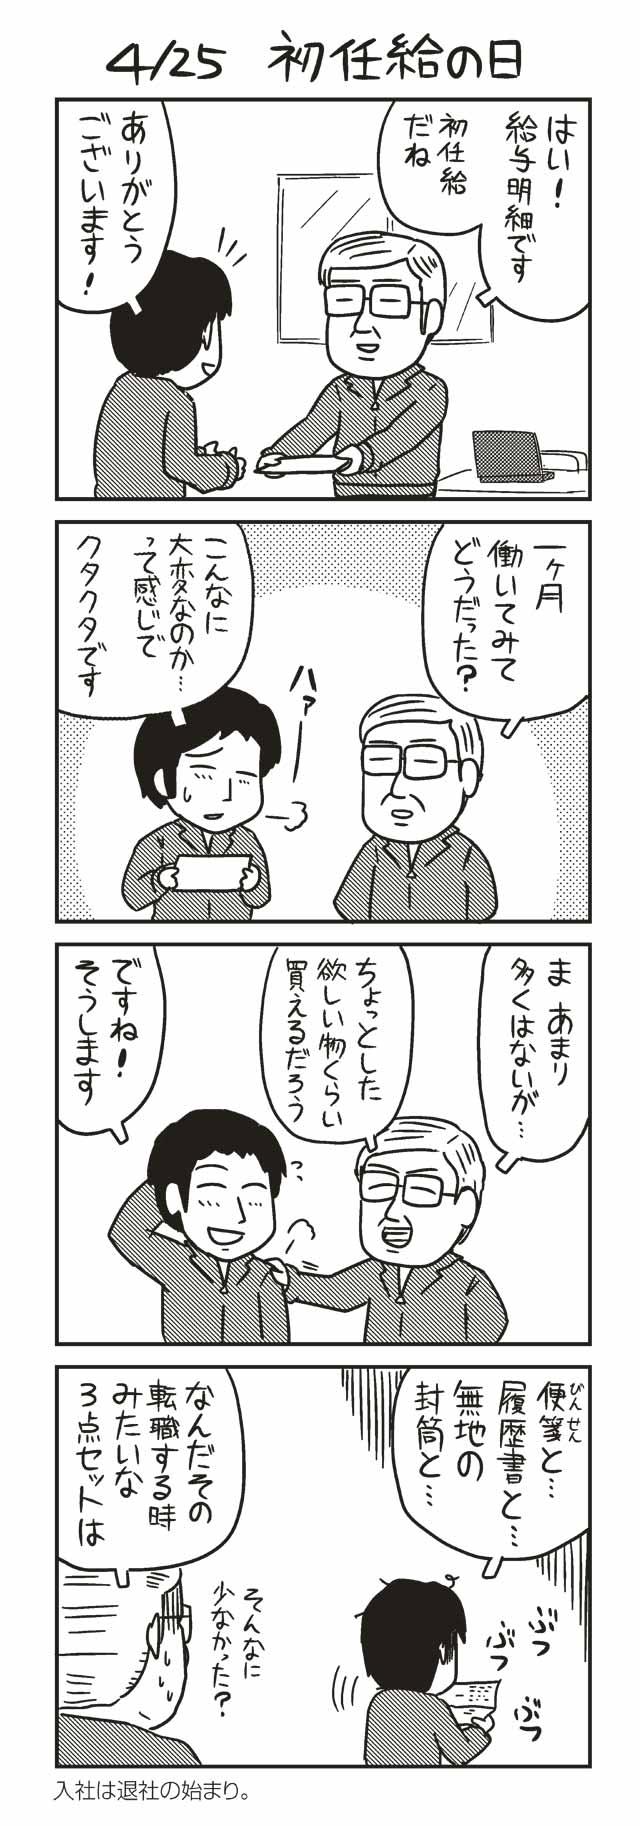 4/25 初任給の日 『ノヒマンガ』 ポン